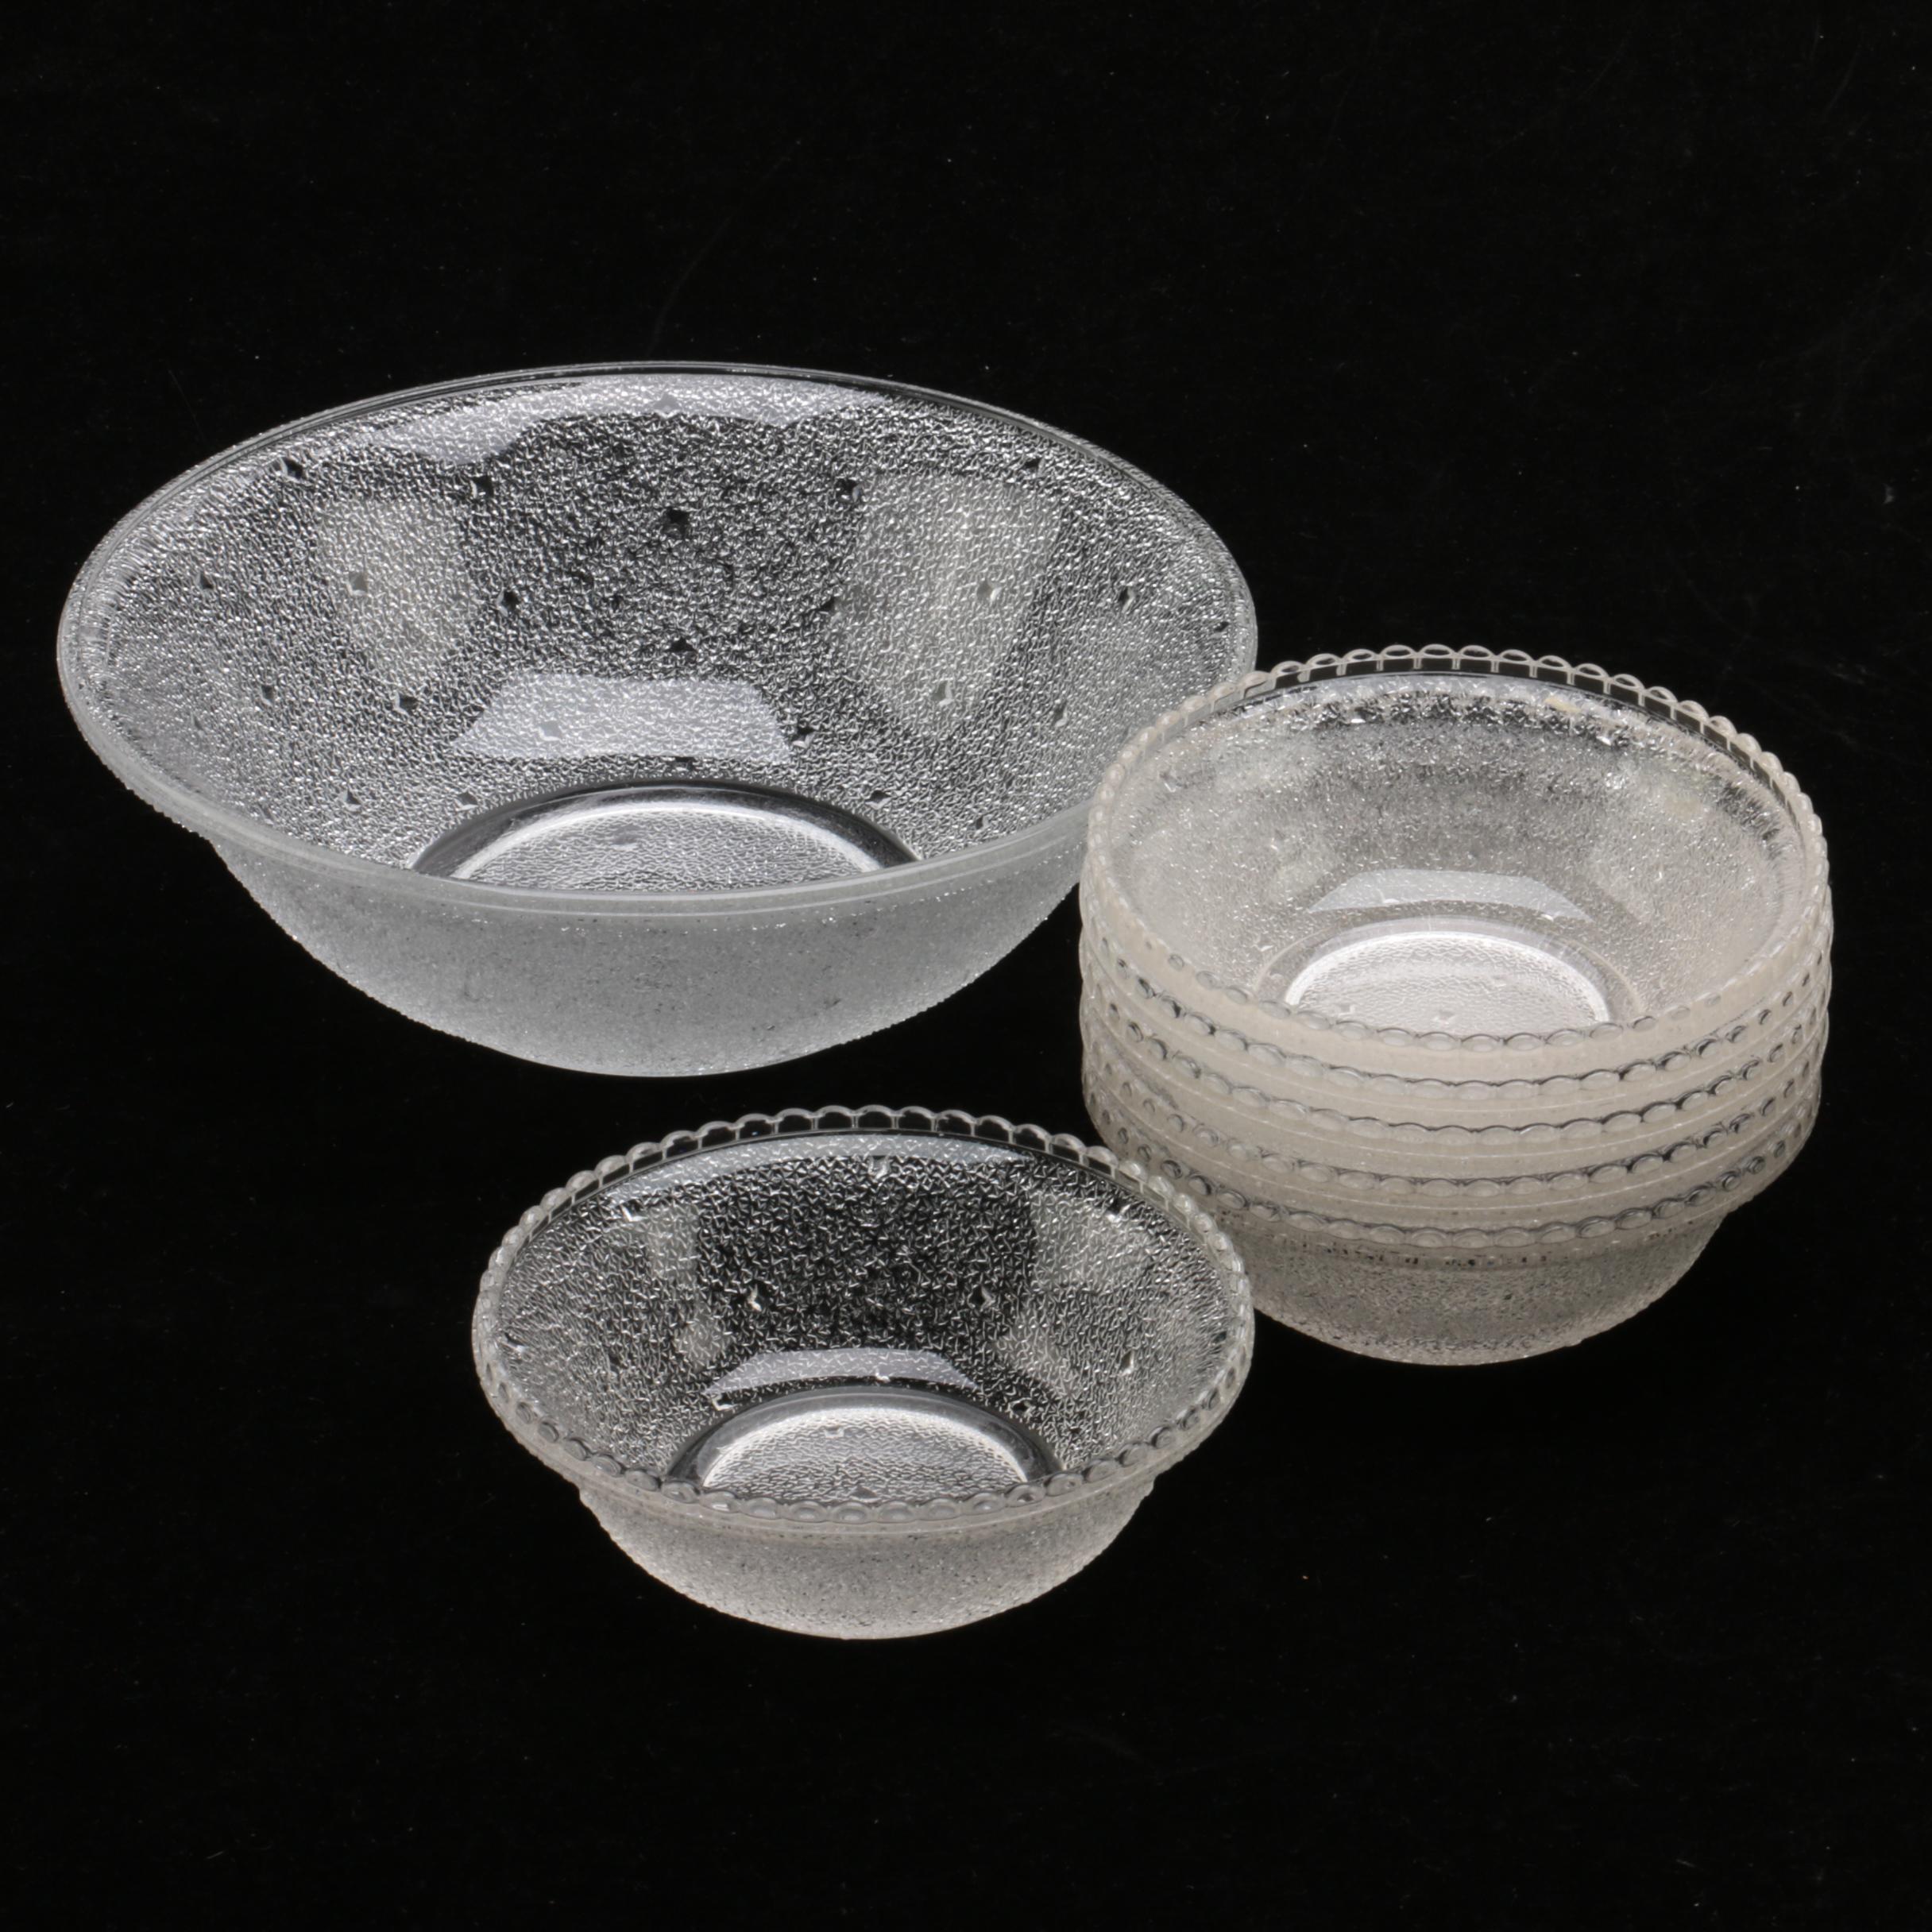 Textured Glass Serving and Dessert Bowls